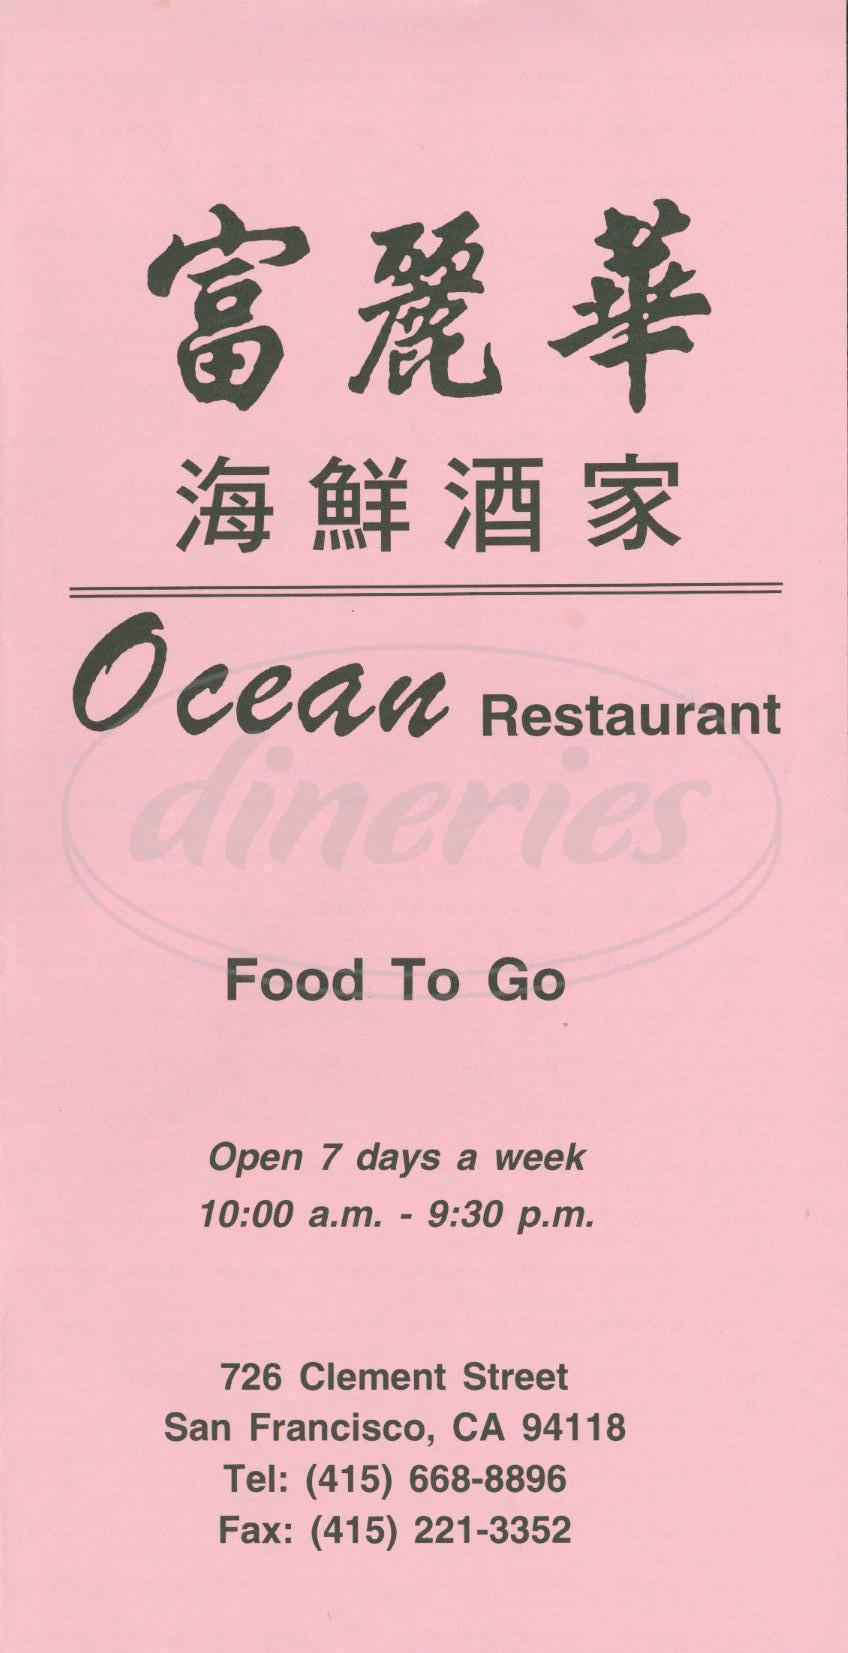 menu for Ocean Restaurant